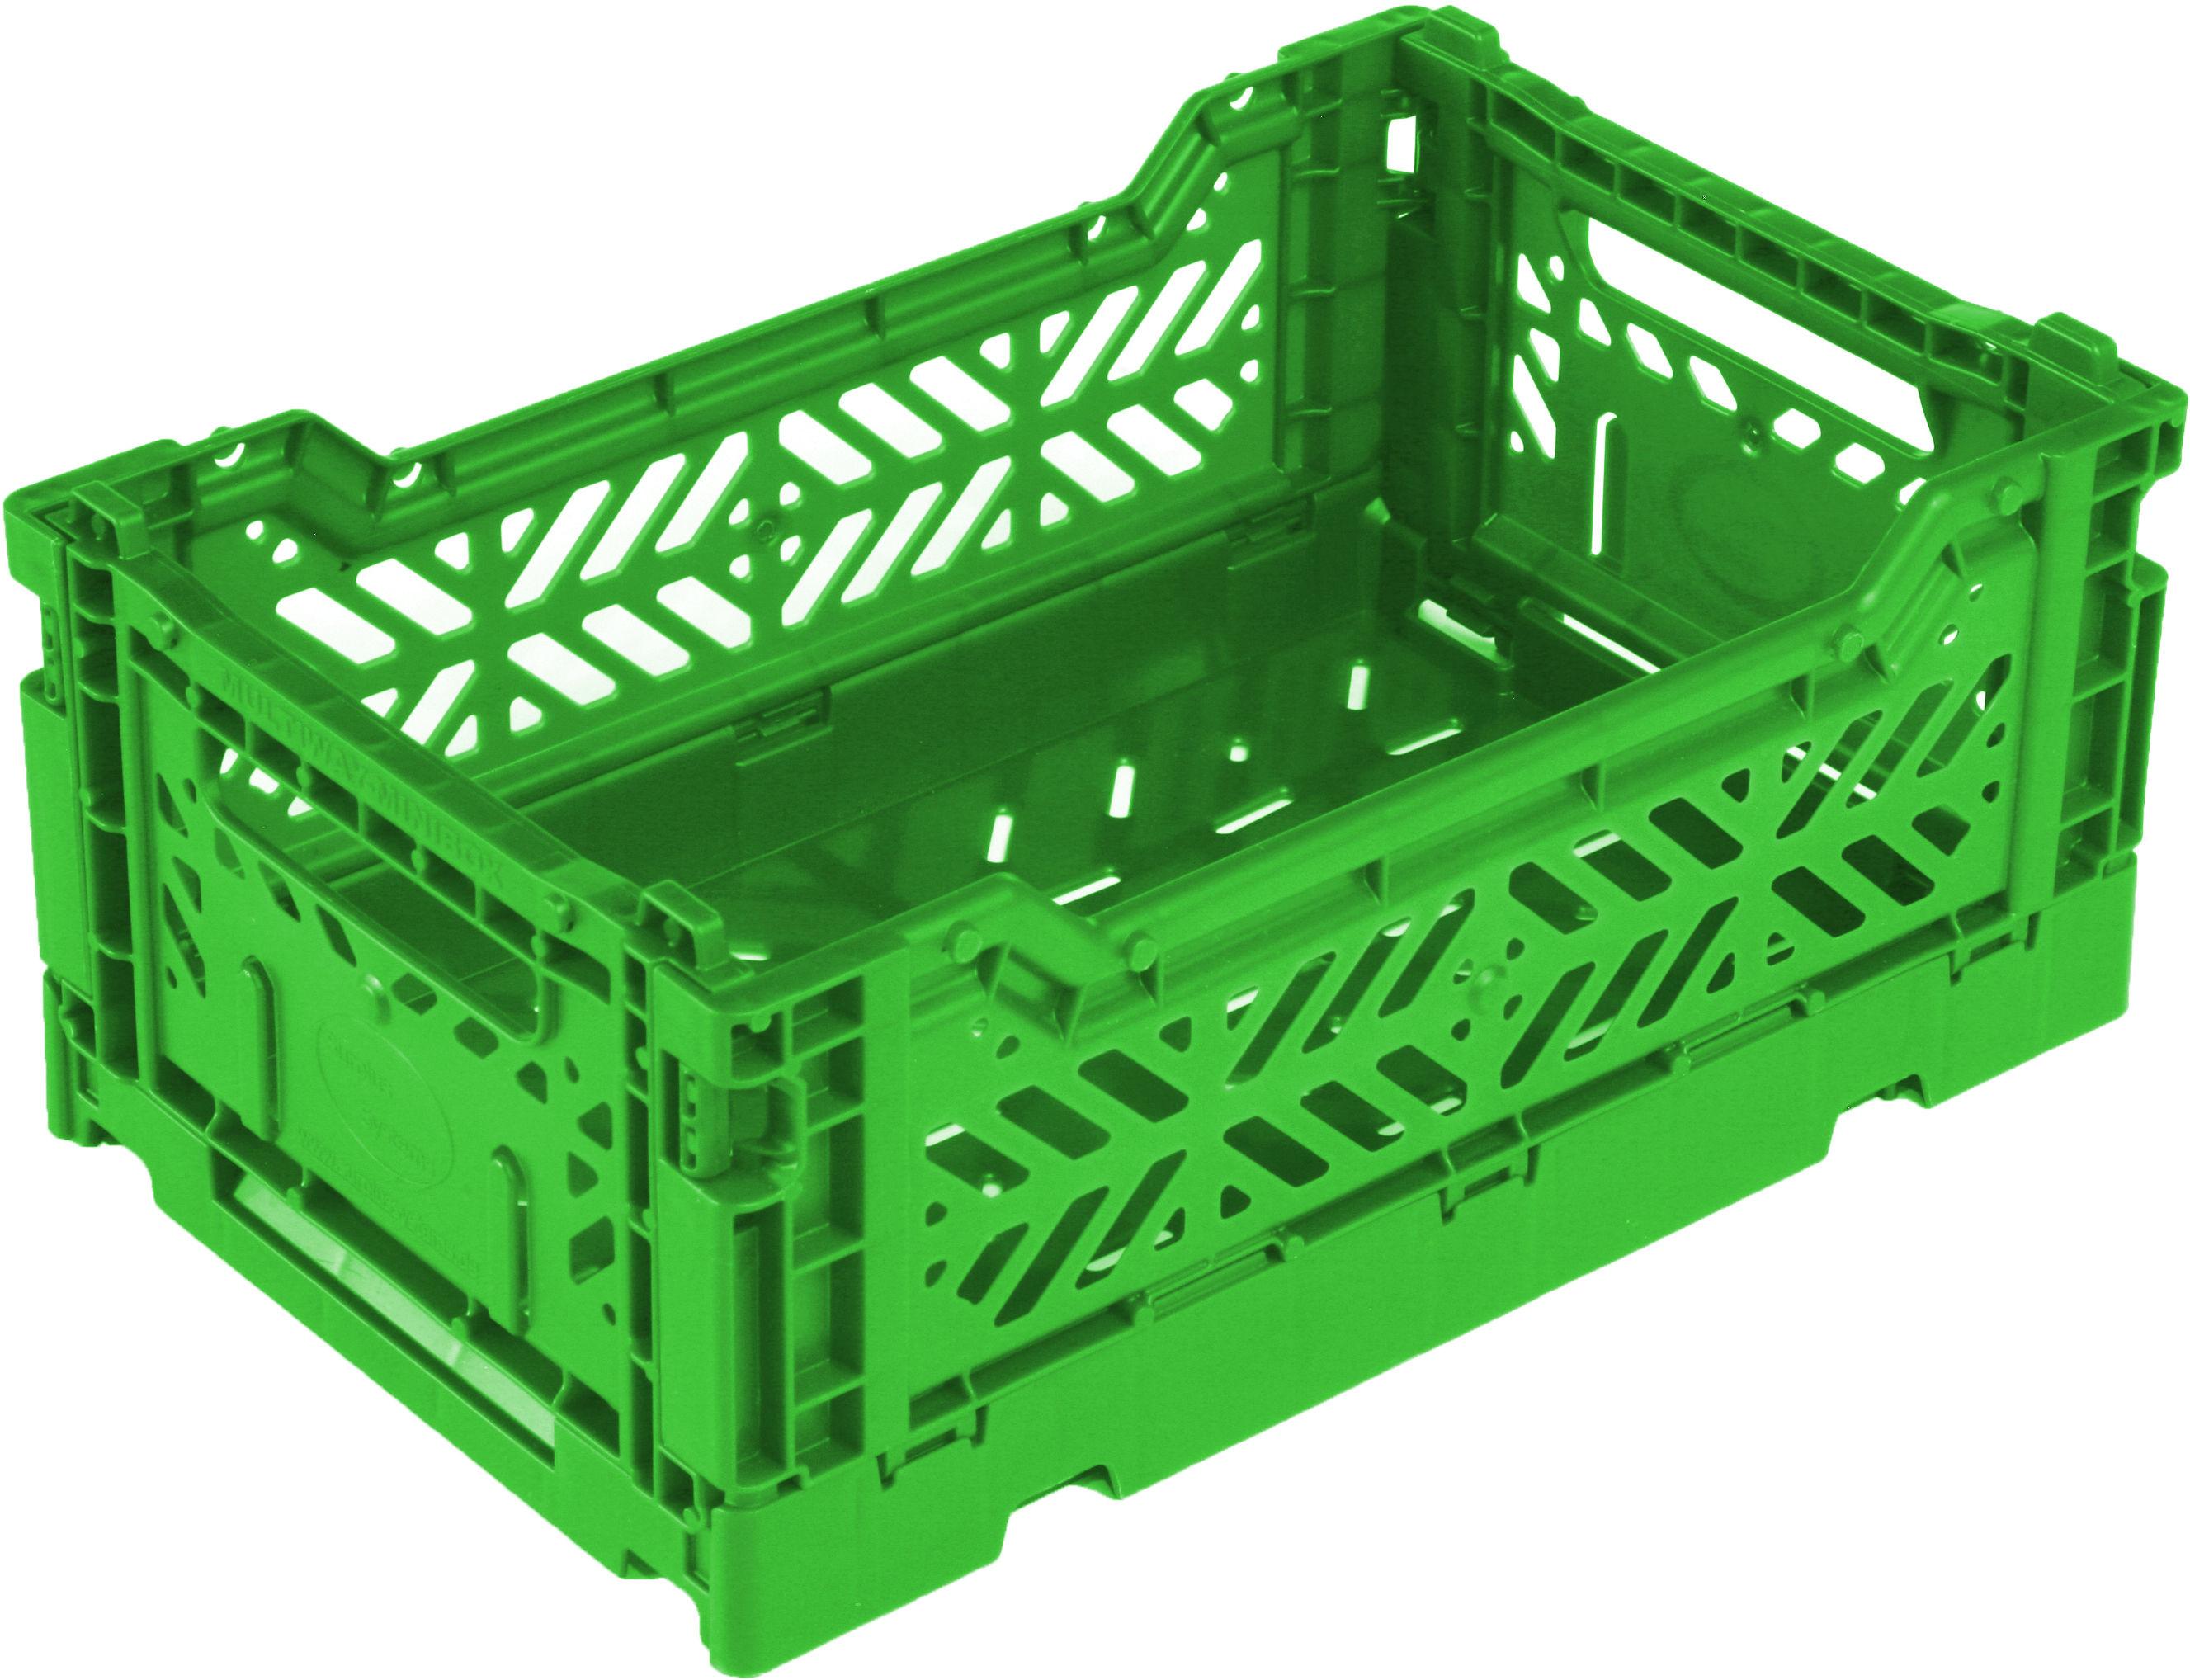 Accessoires - Accessoires bureau - Casier de rangement Mini Box / pliable L 26,5 cm - Surplus Systems - Pop Corn - Vert gazon - Polypropylène